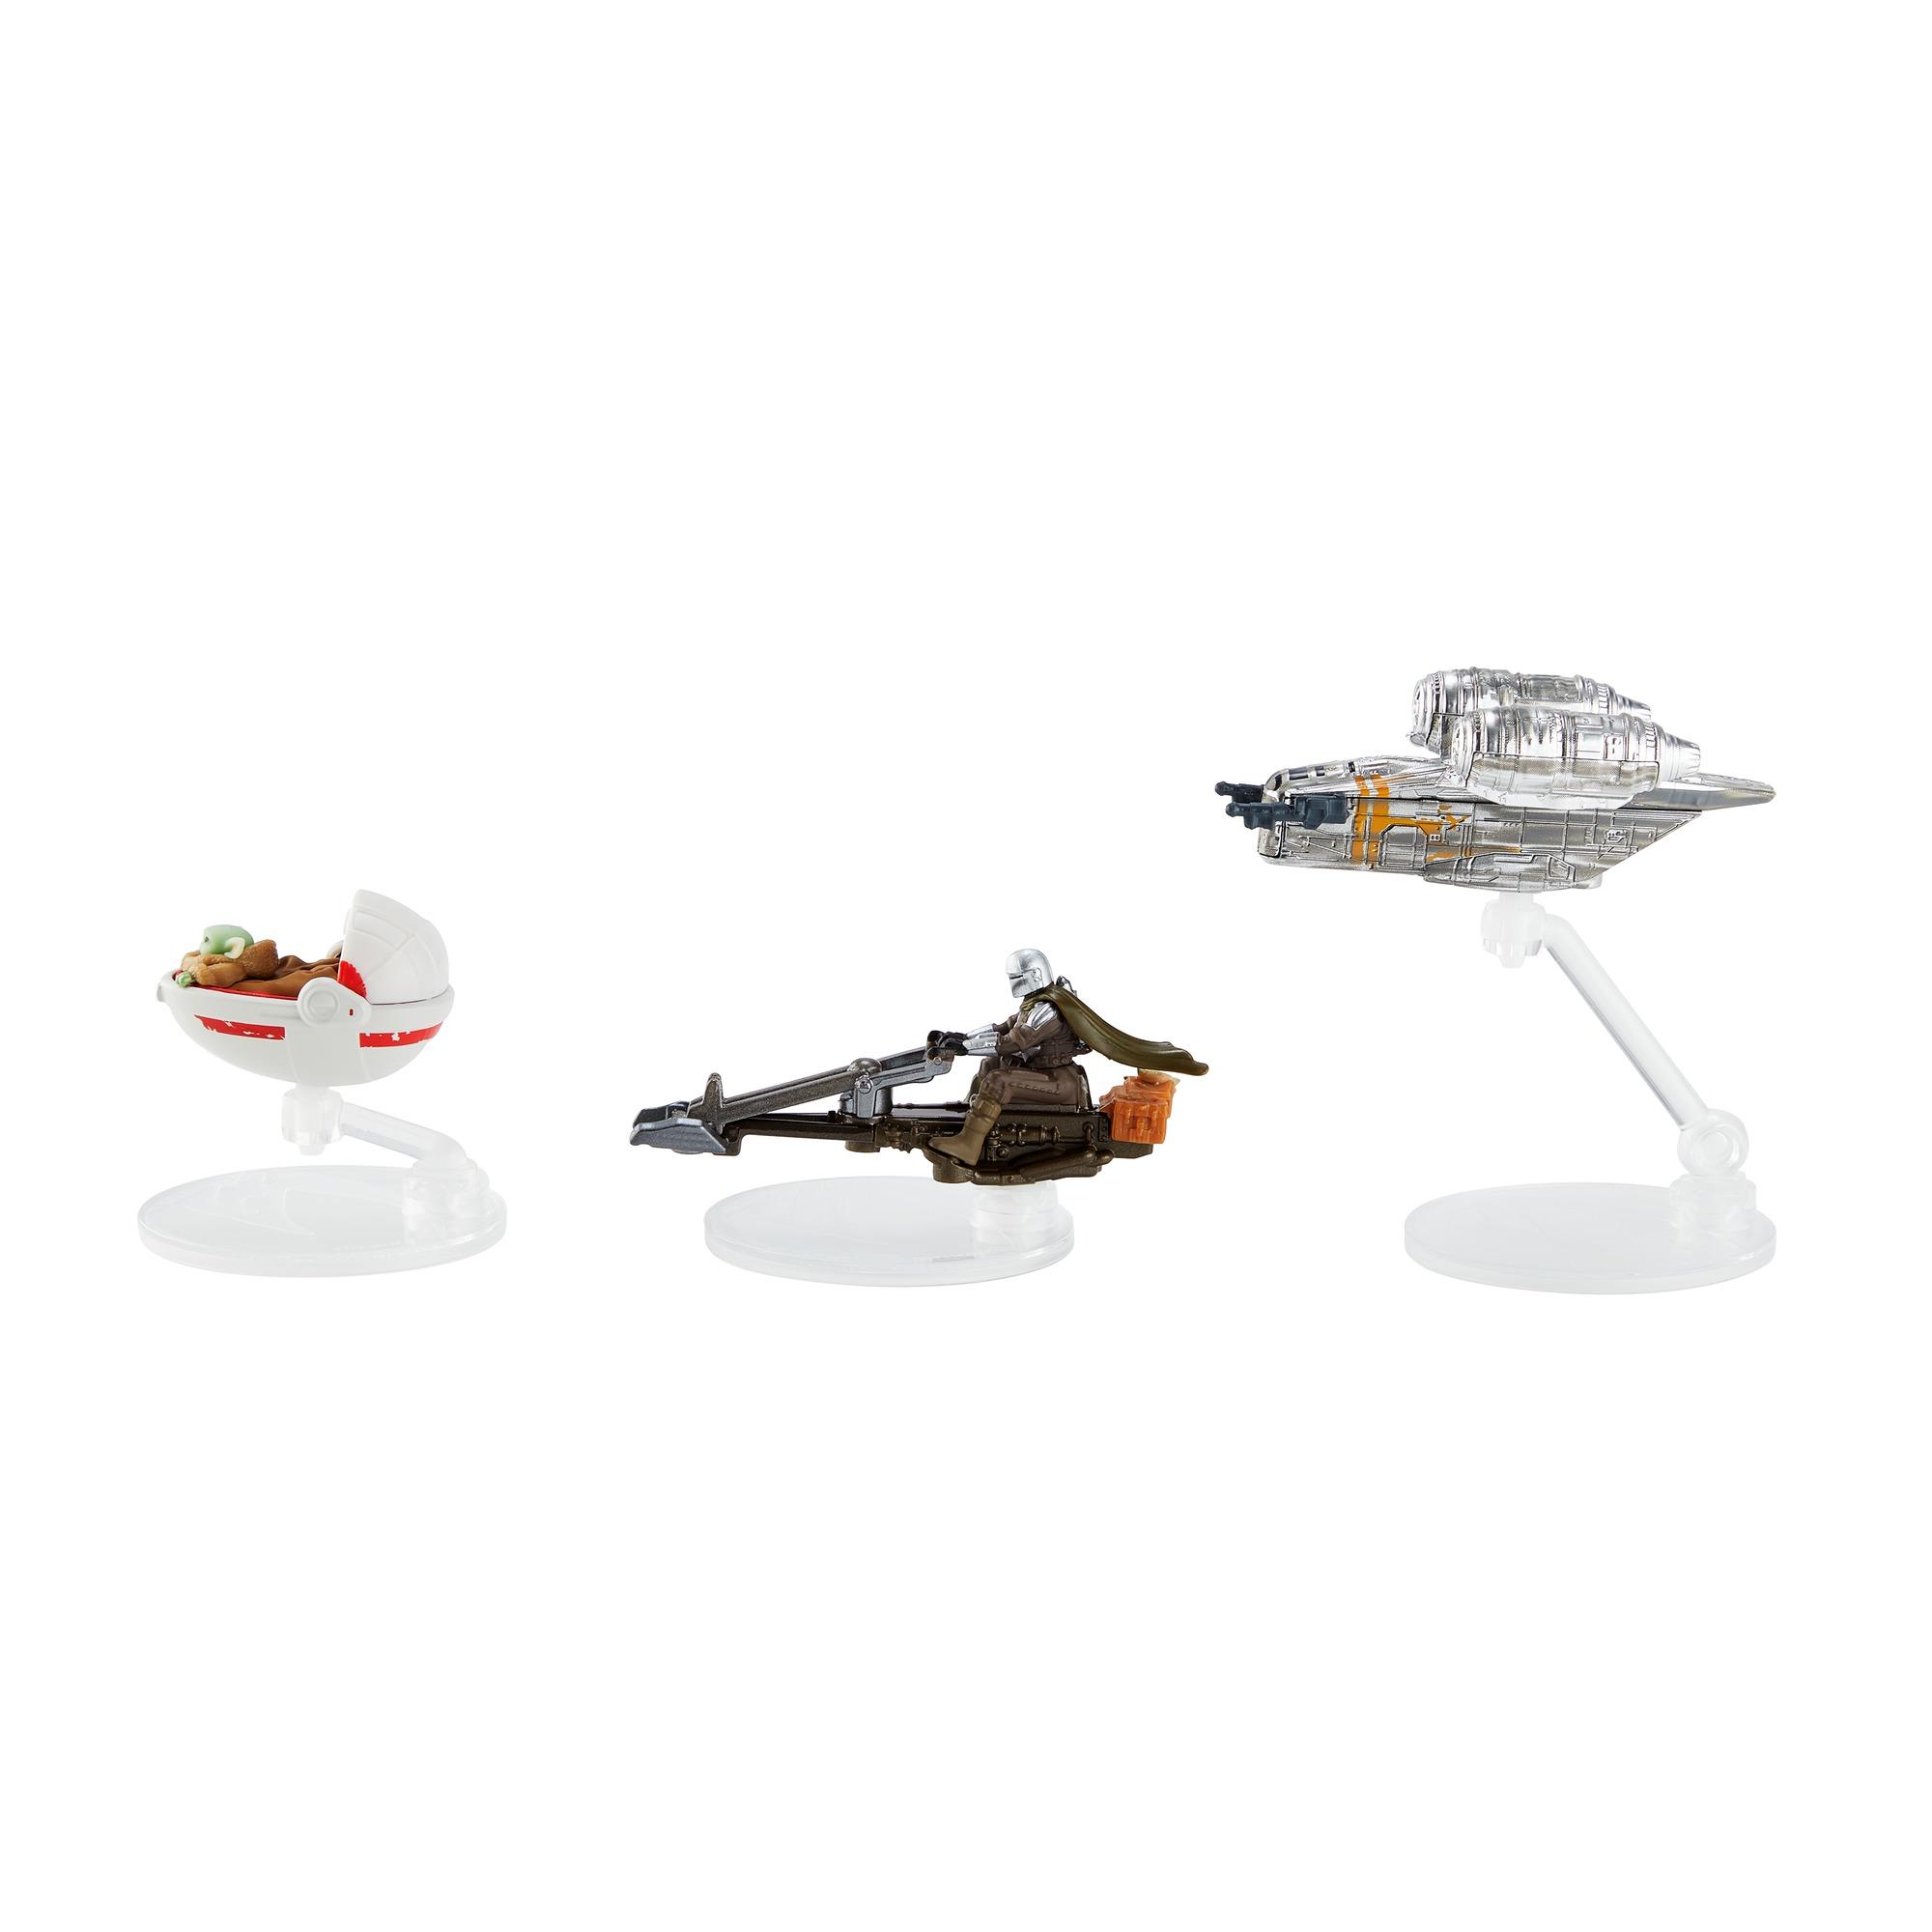 TM Hot Wheels Die-Cast Vehicle Starships 3-Pack 2